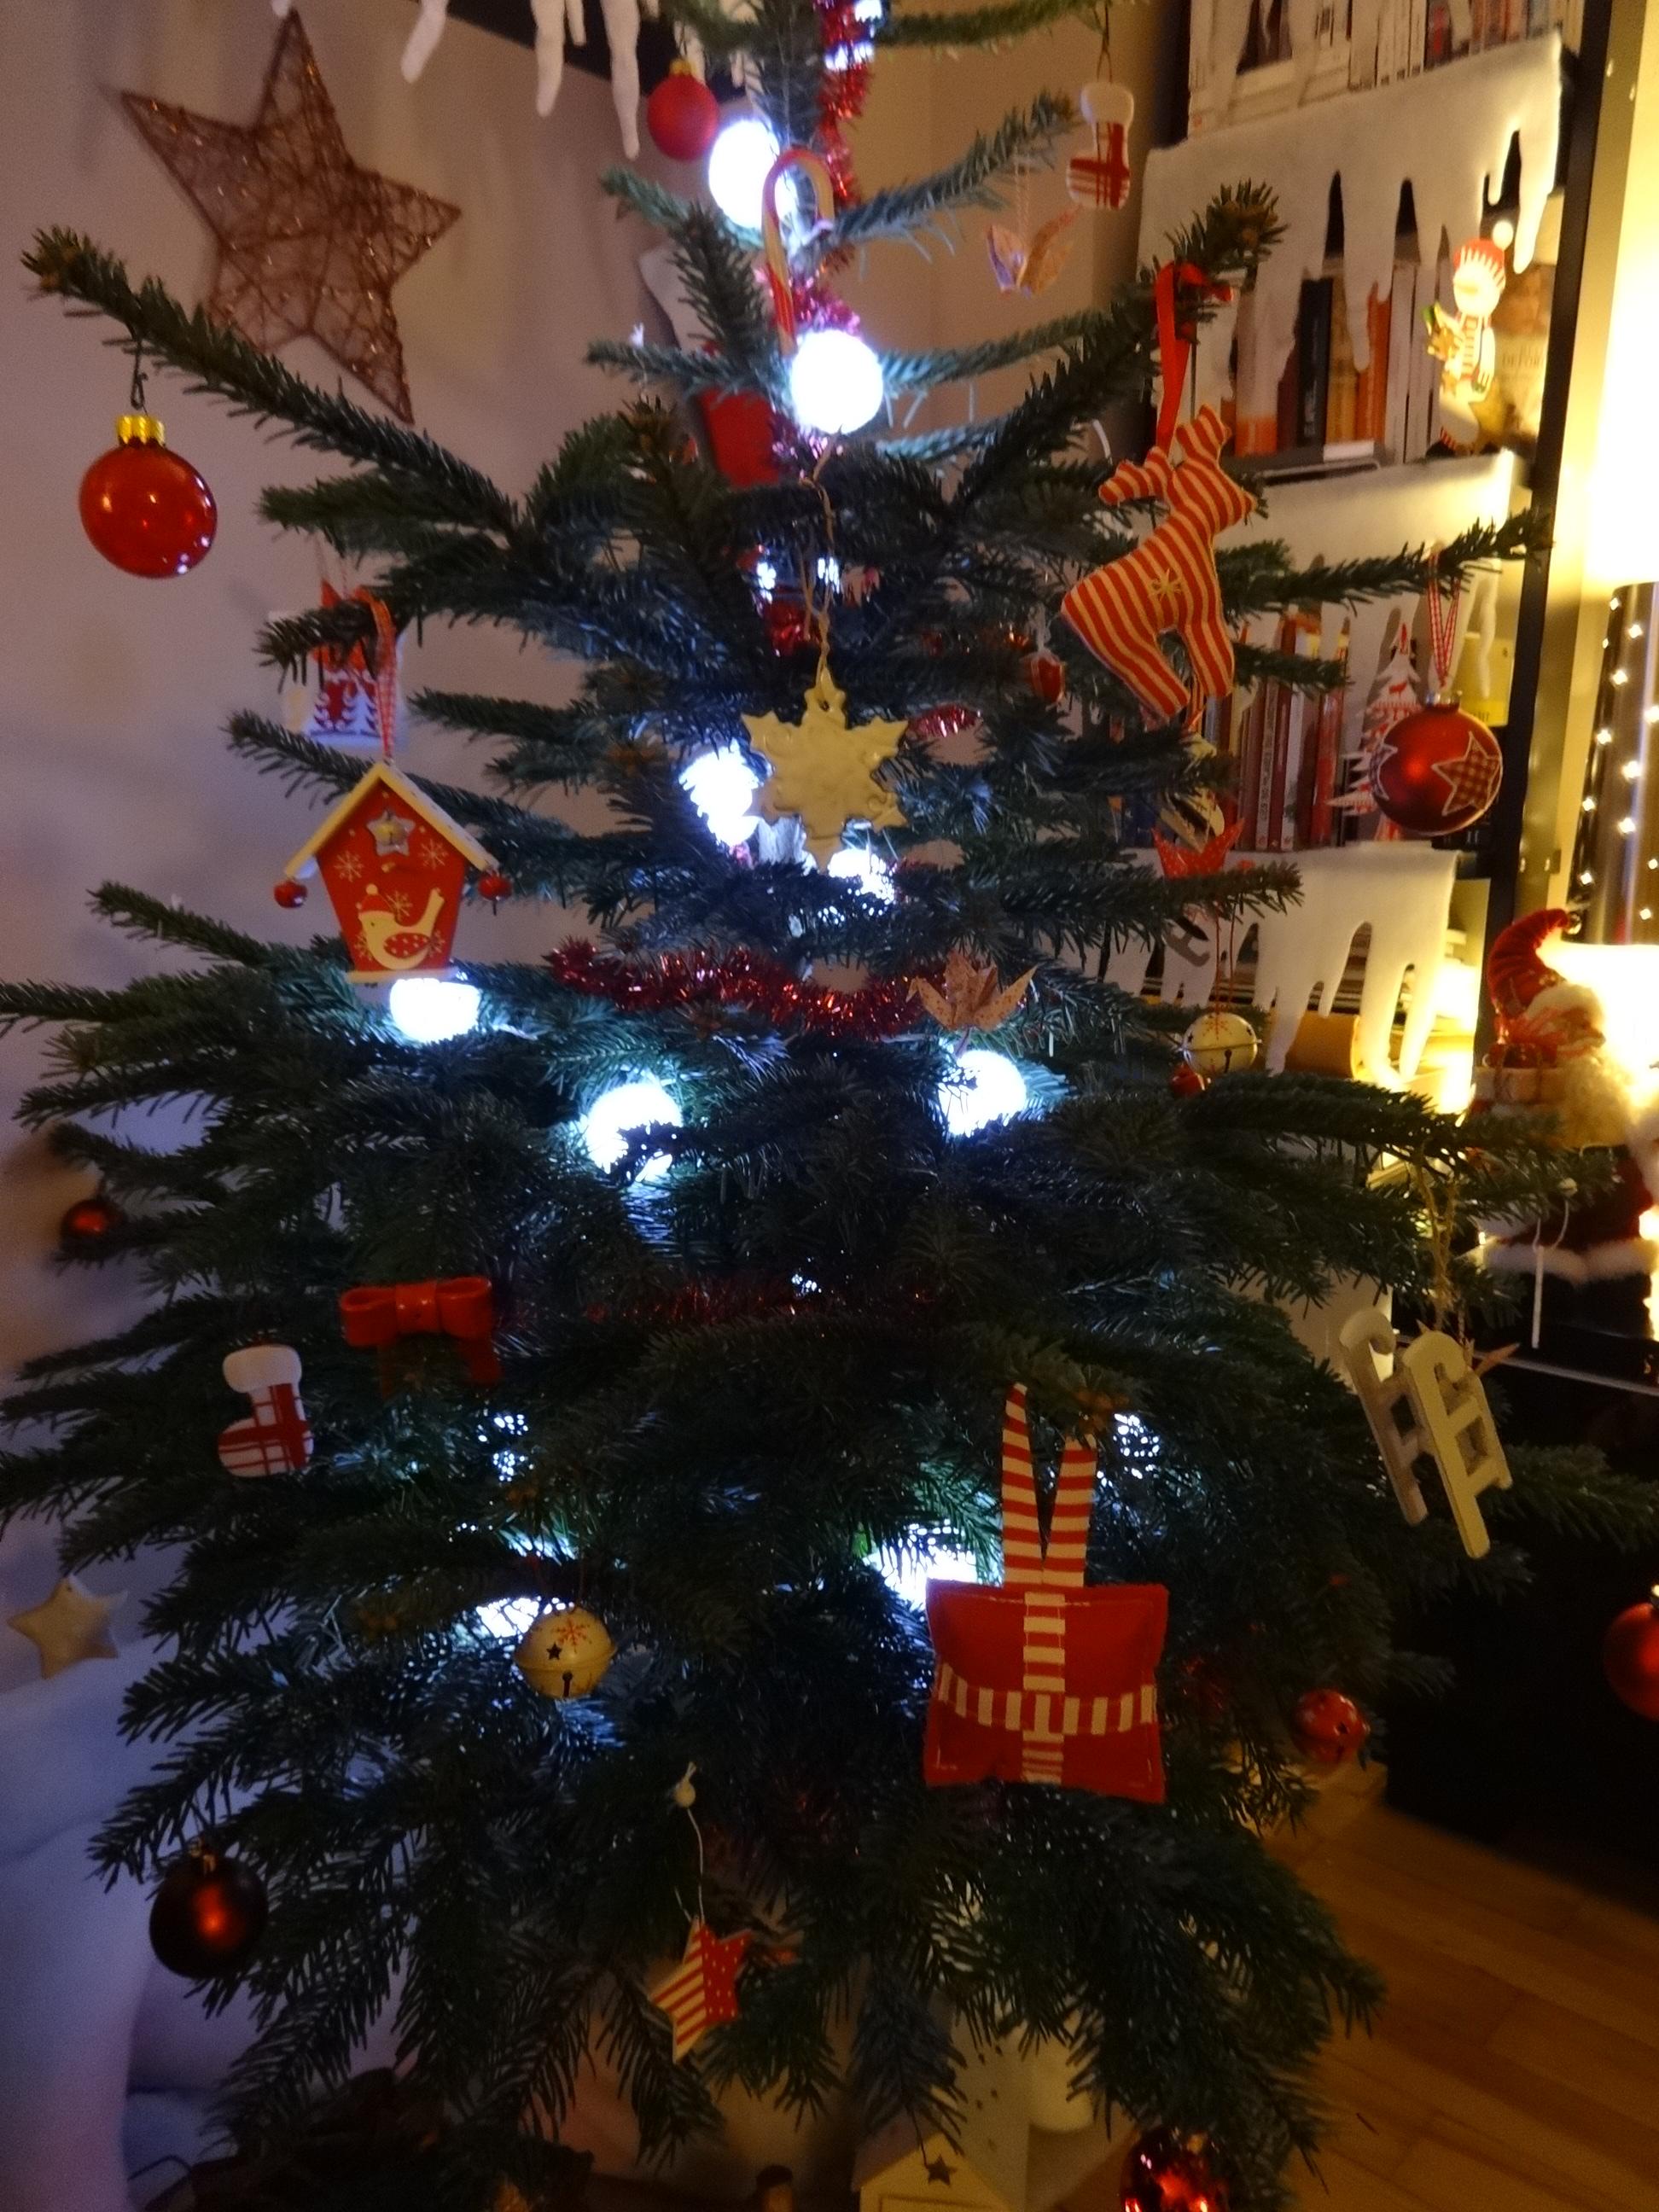 #B59116 Décoration De Noël Fée Plaisir 5521 décorations de noel traditionnelles 1944x2592 px @ aertt.com